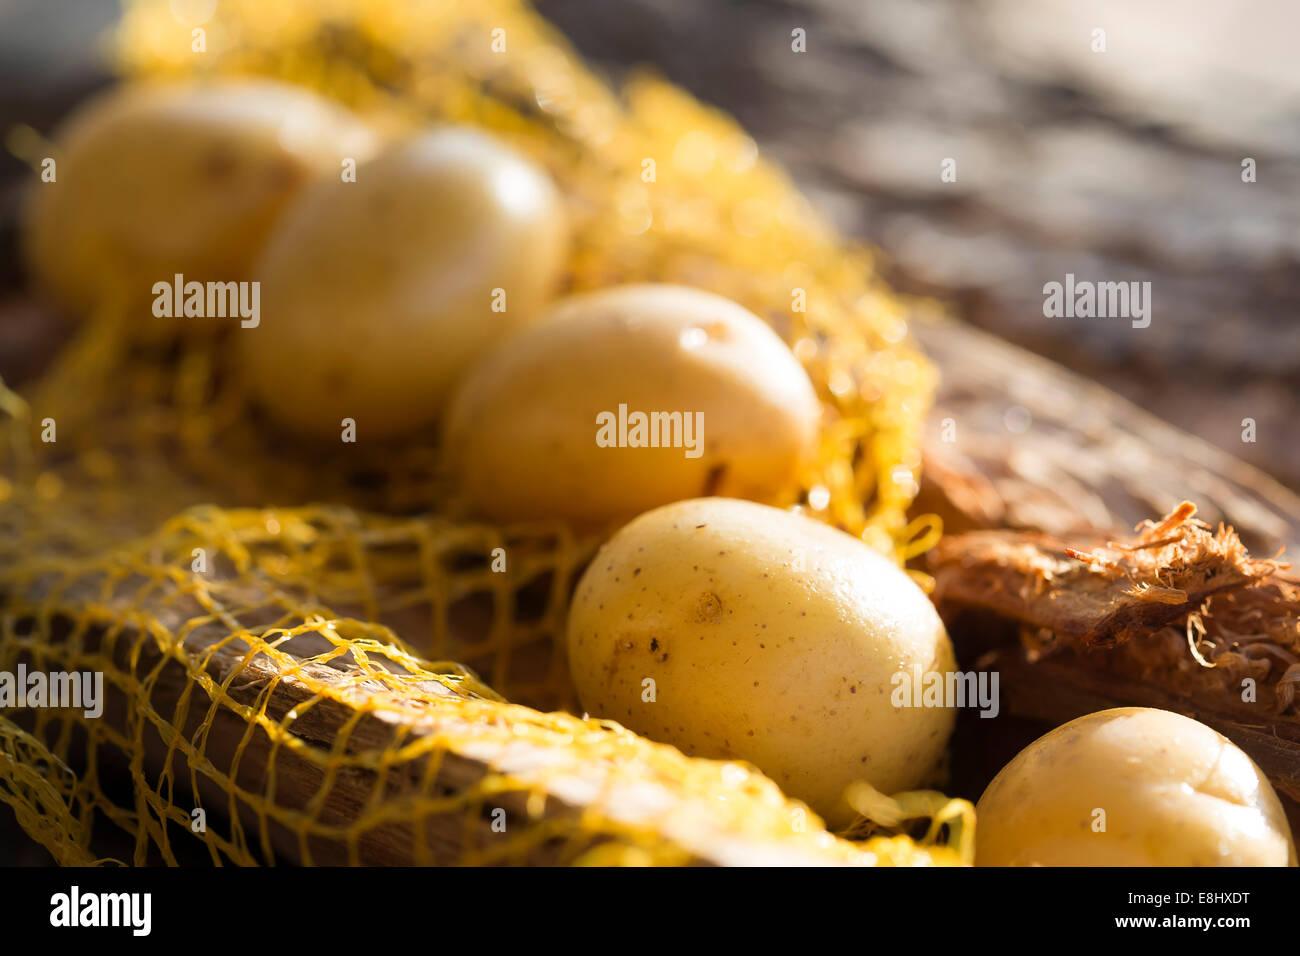 Gruppo di patate intere su legno rustico nel trasportare net. Immagini Stock